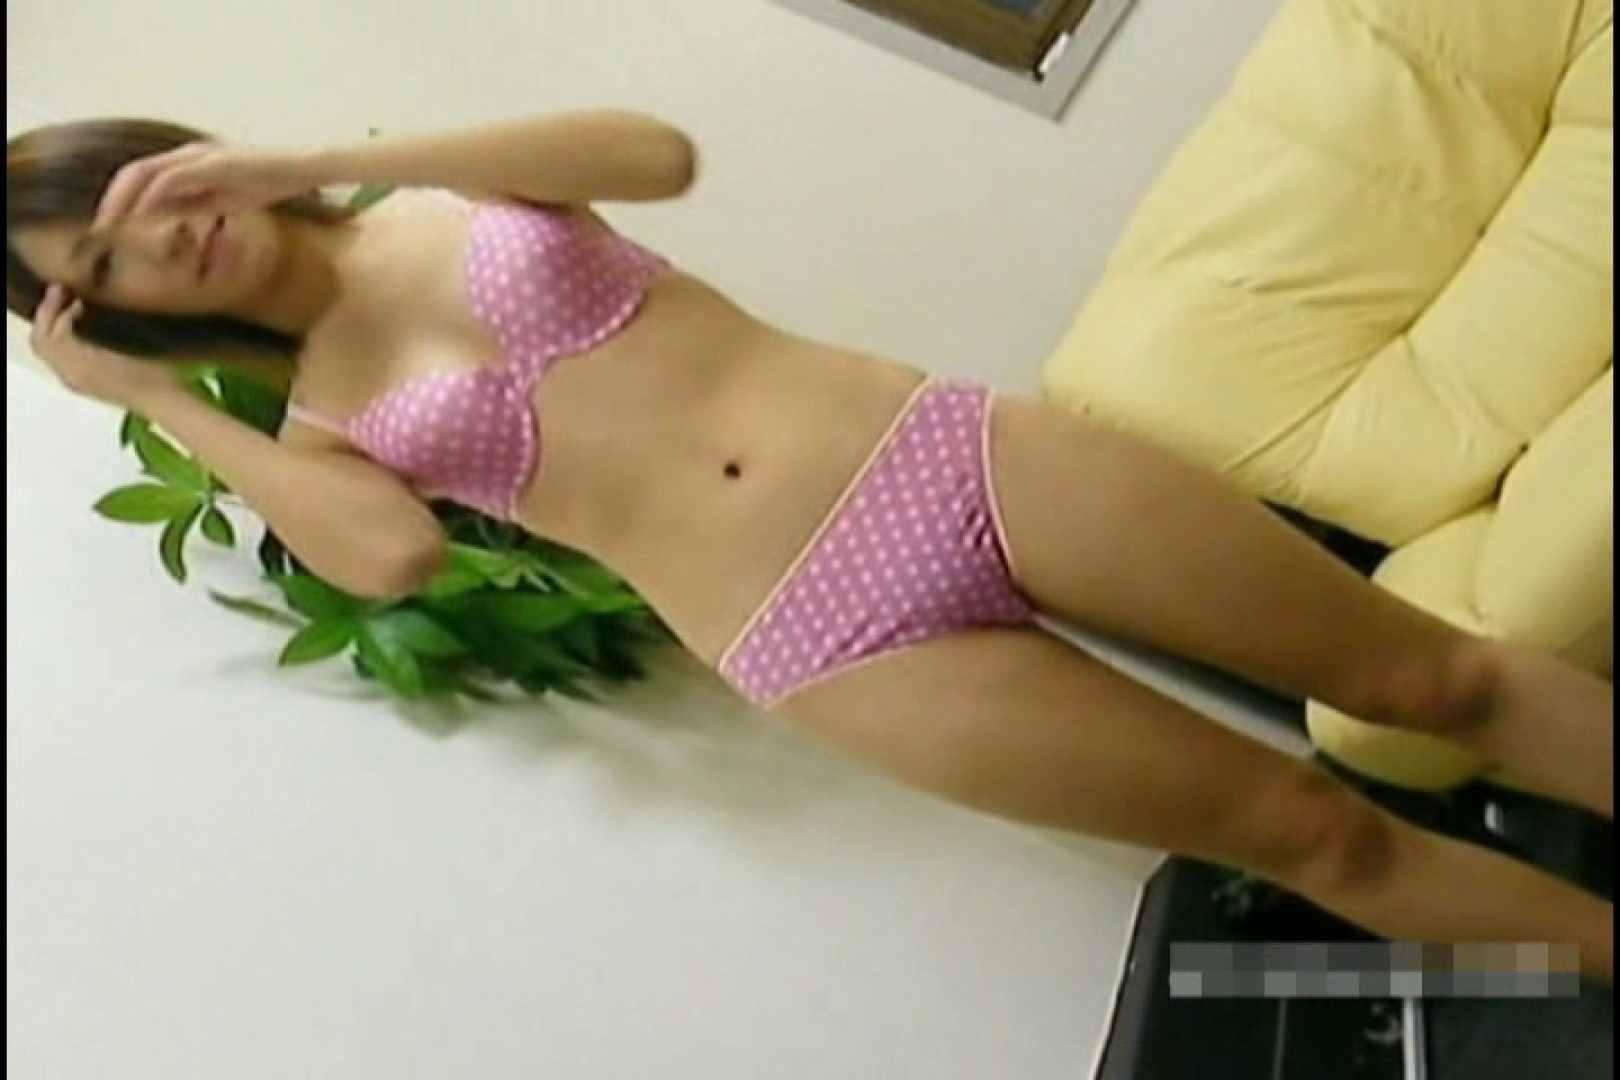 素人撮影 下着だけの撮影のはずが・・・れみ18歳 おっぱい  94連発 83